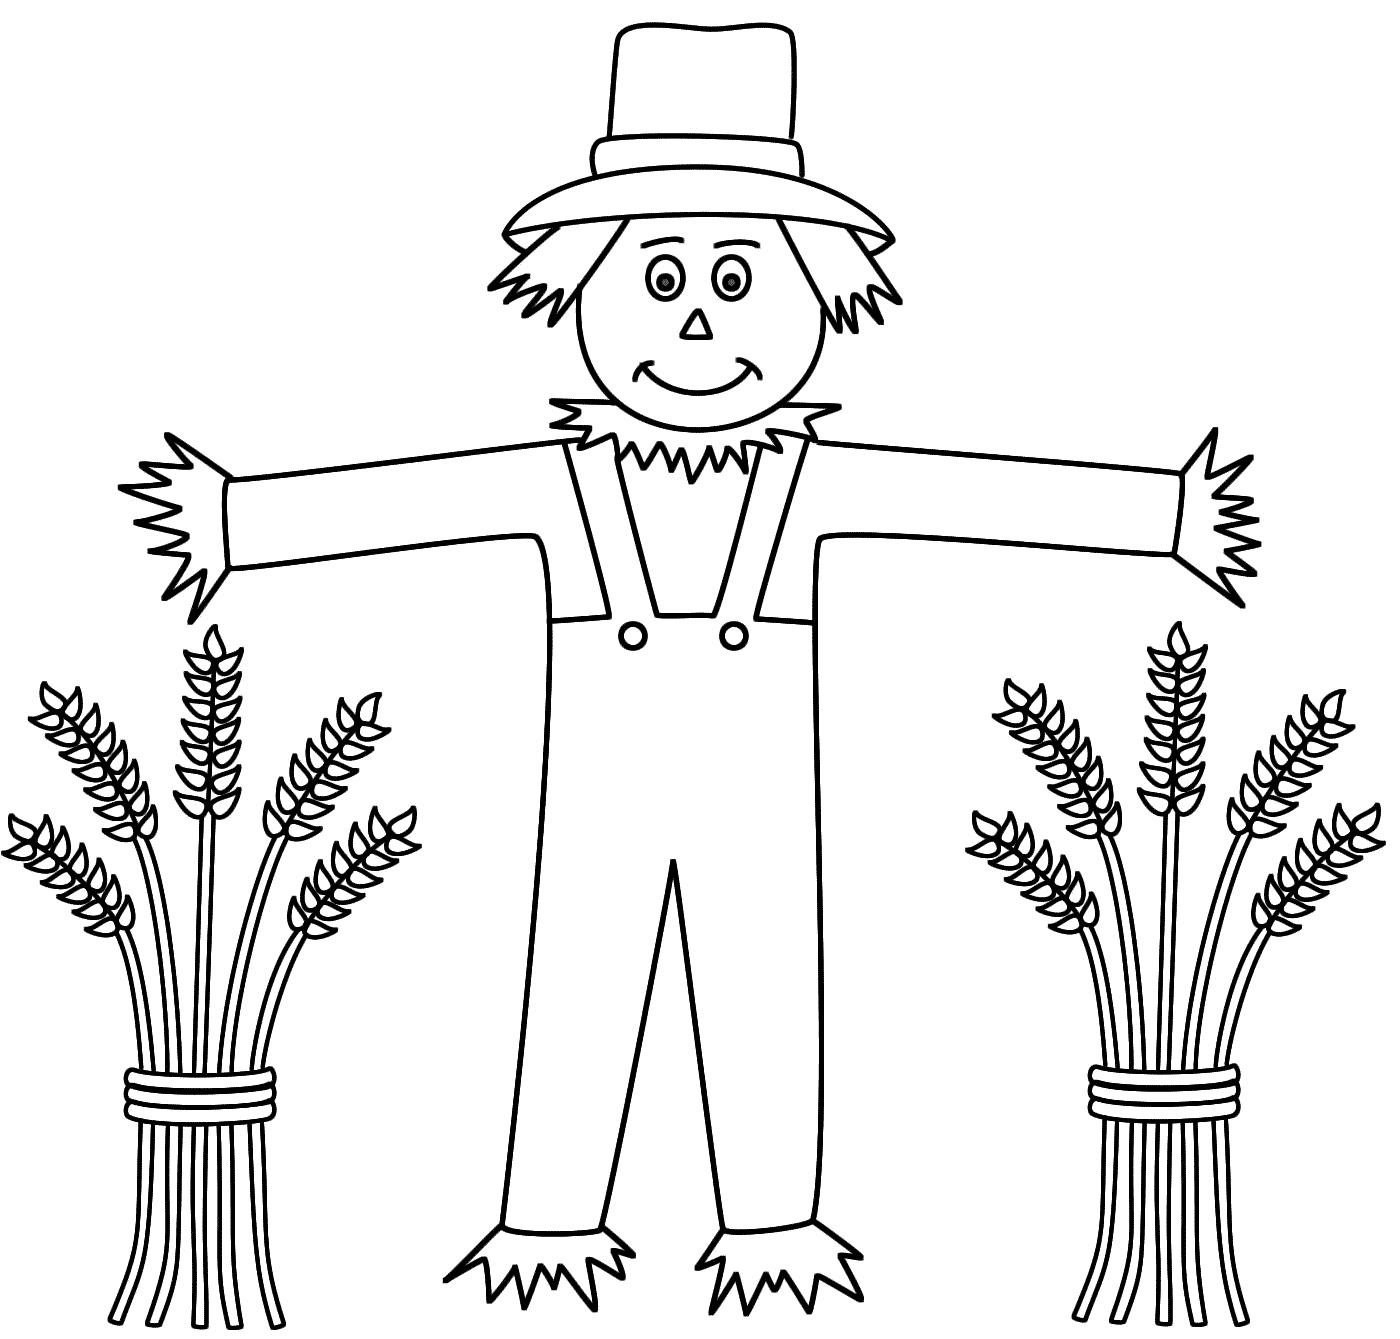 Scarecrow Templates - Hashtag Bg - Free Scarecrow Template Printable